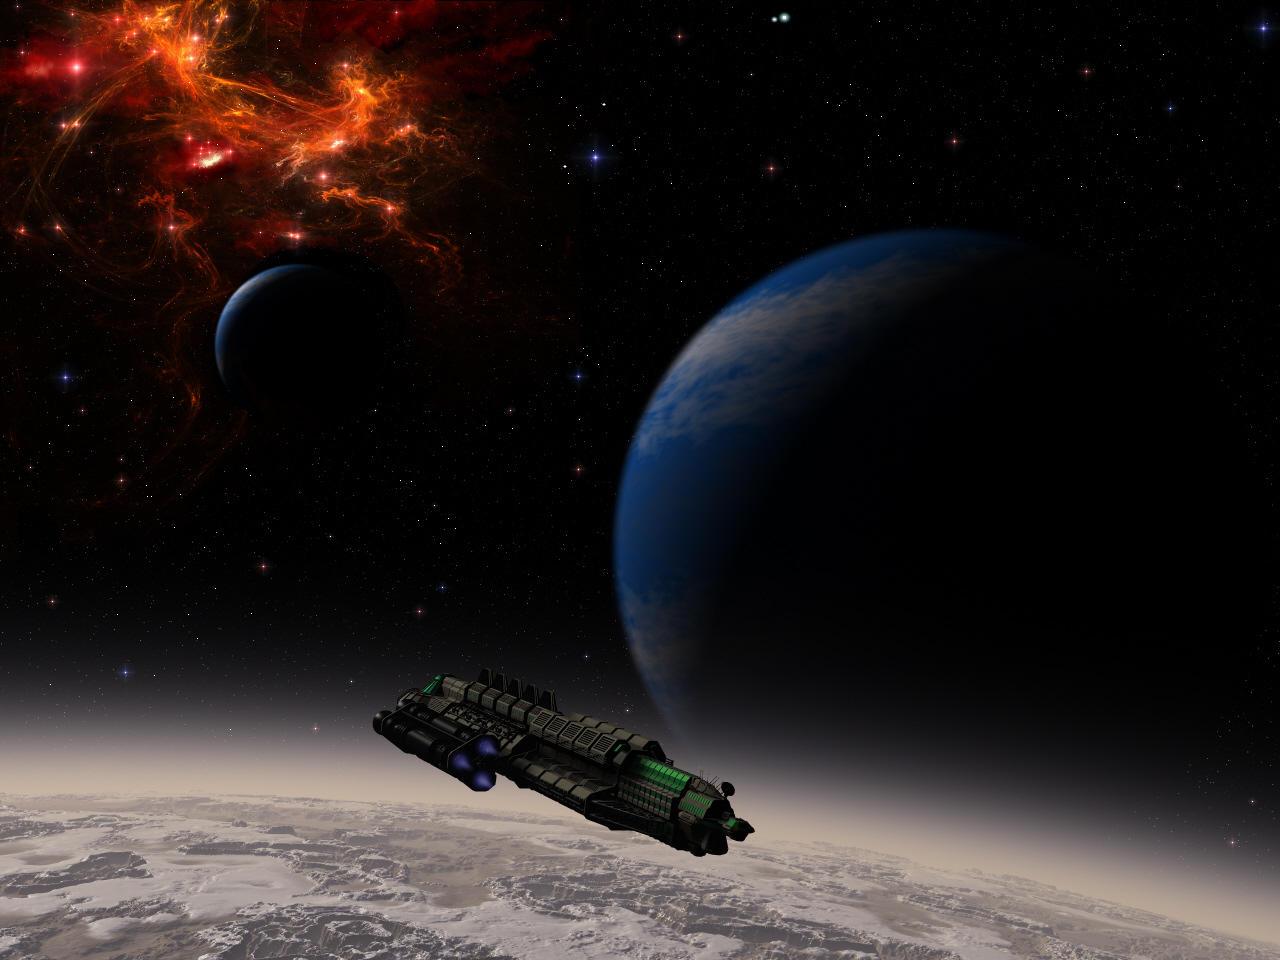 phoenix fd nebula - photo #32